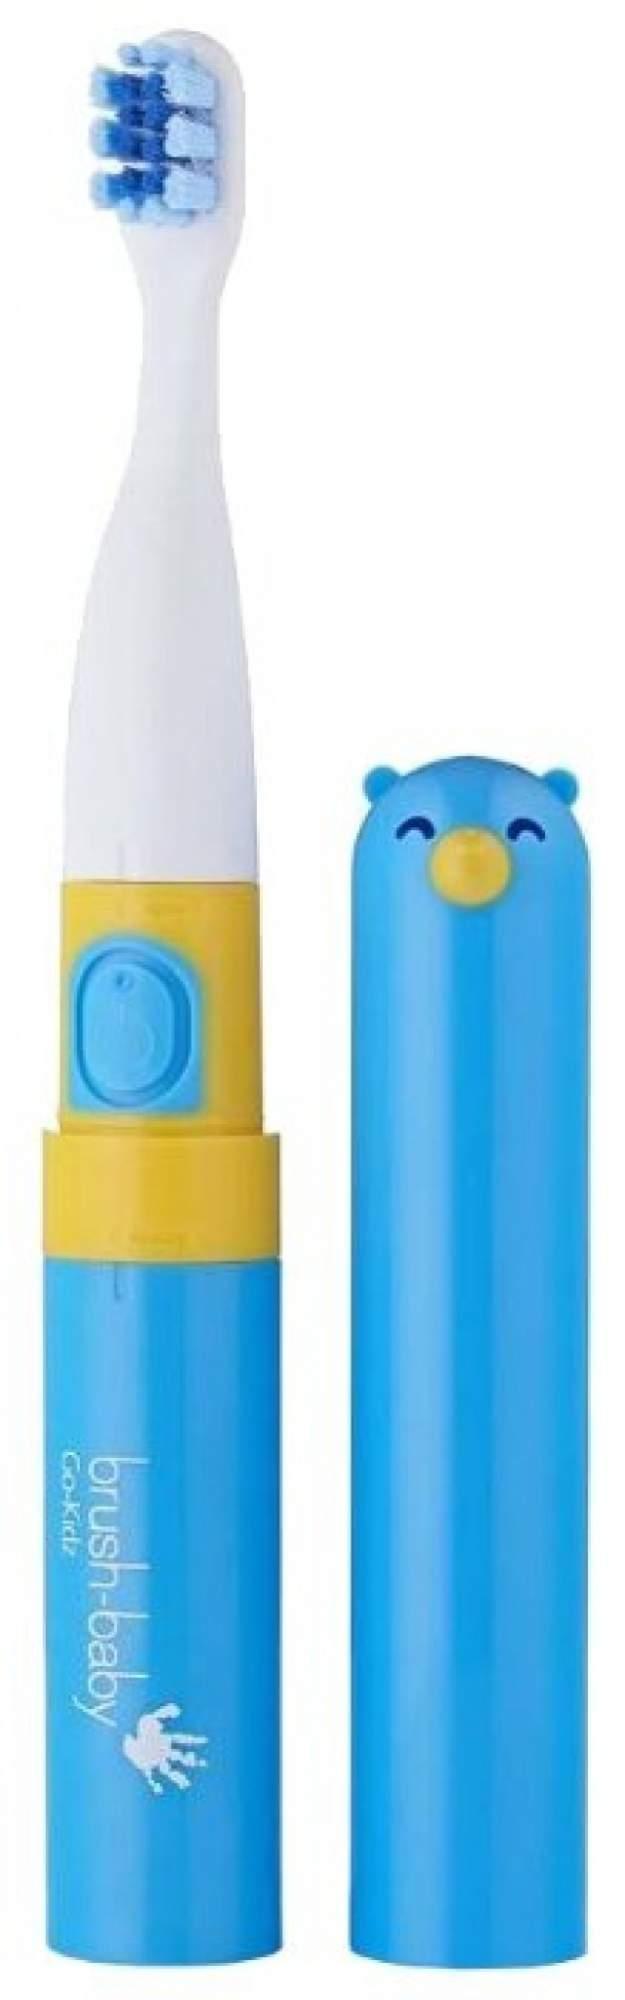 Детская электрическая зубная щетка Brush-baby Go-Kidz от 3-х лет синяя